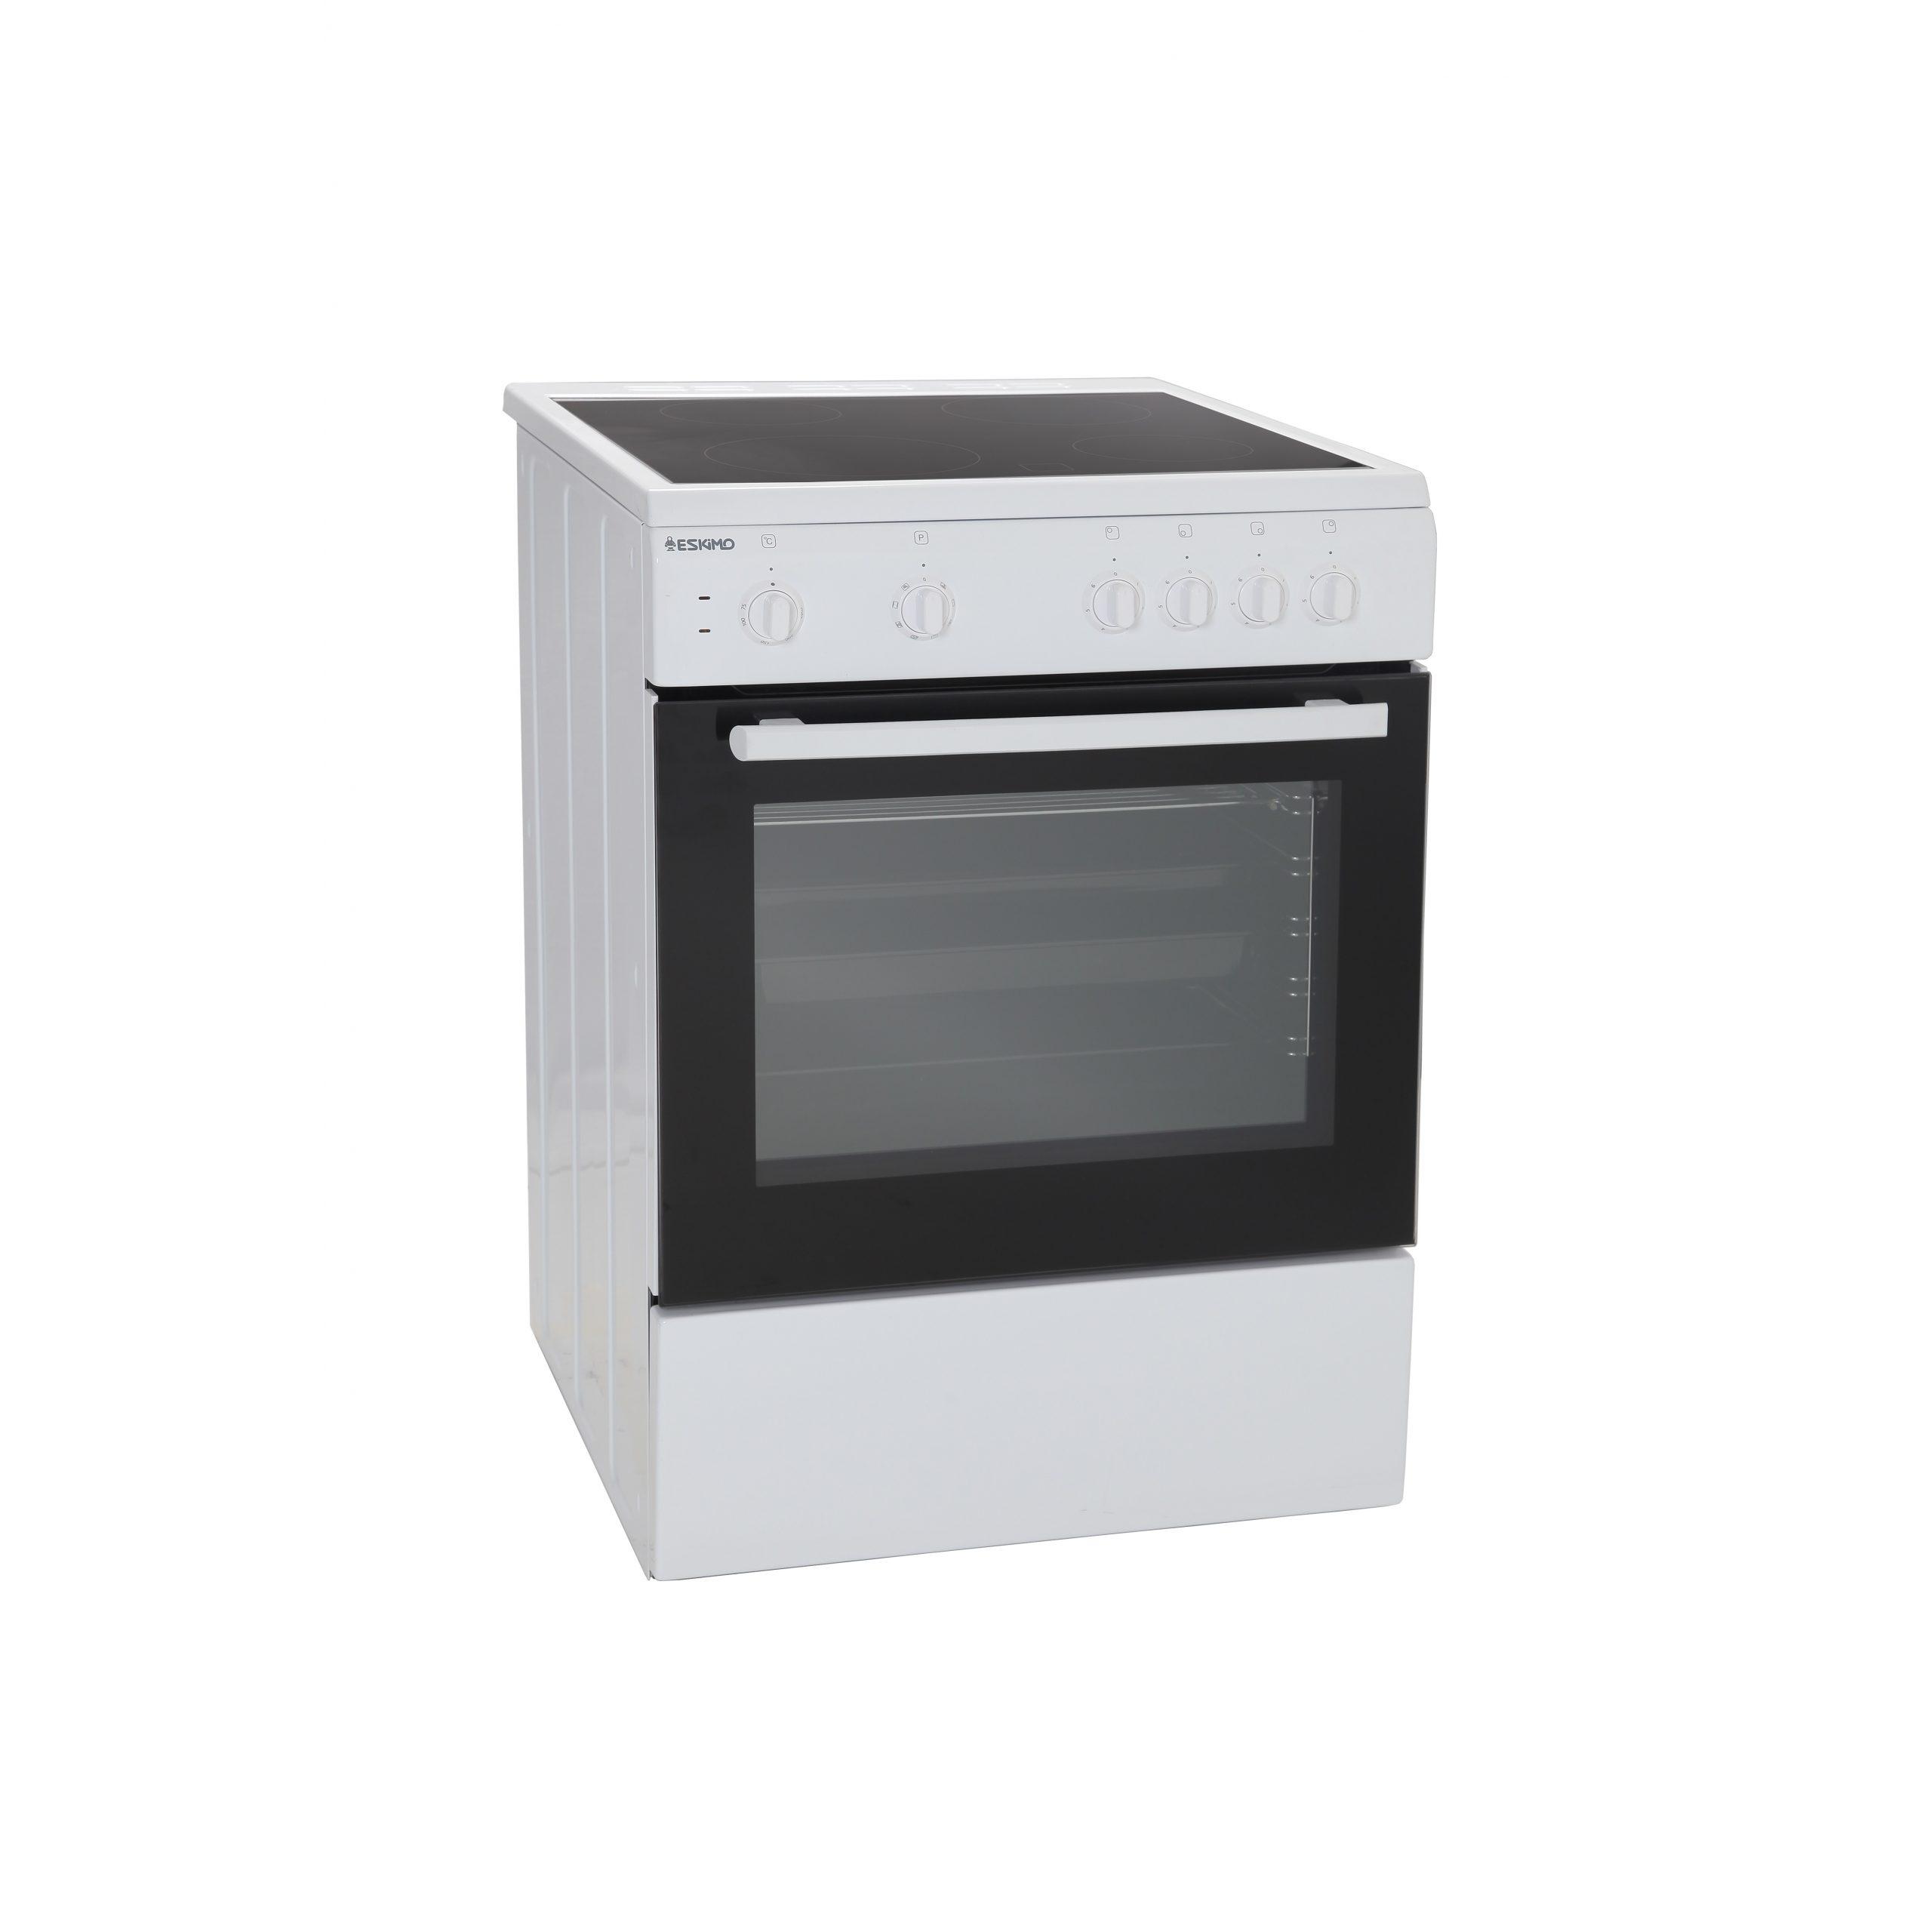 Eskimo Κουζίνα ES 4030 W